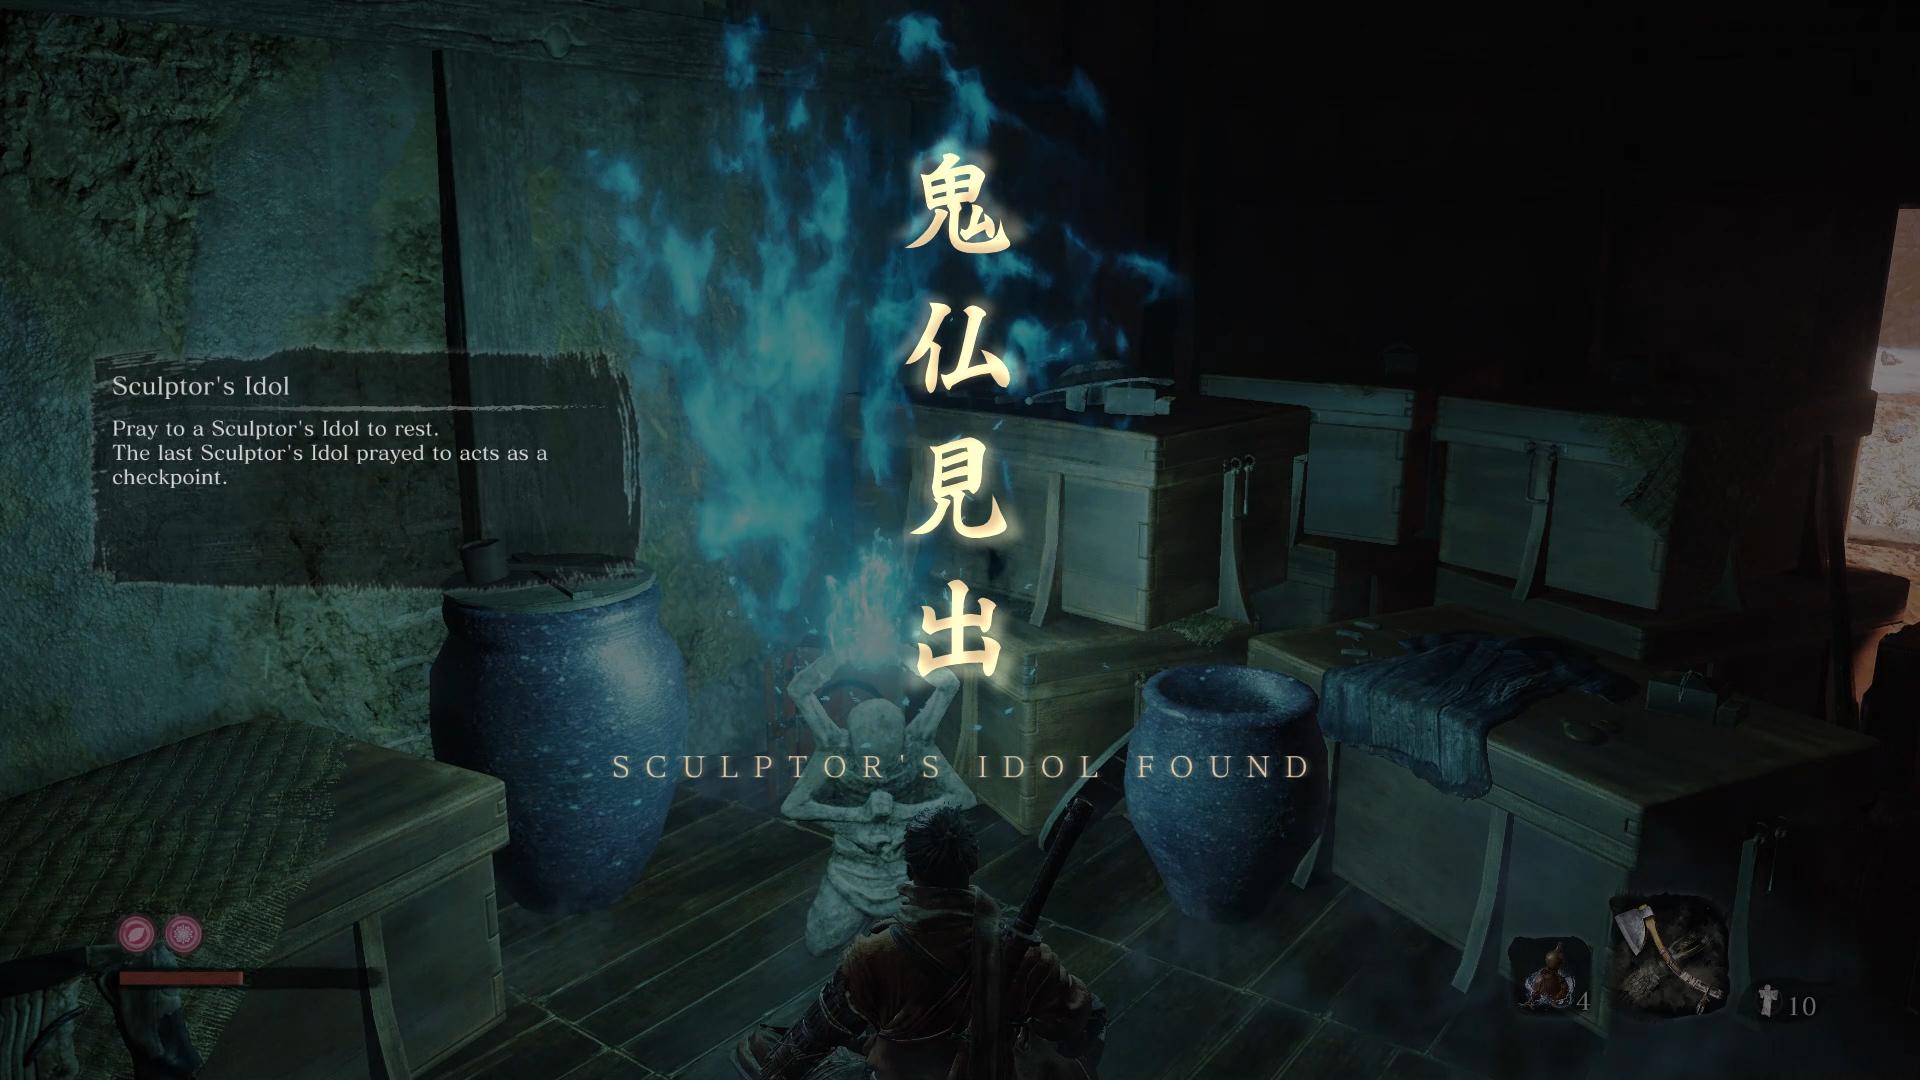 نتيجة بحث الصور عن sekiro shadows die twice Sculptor's Idols